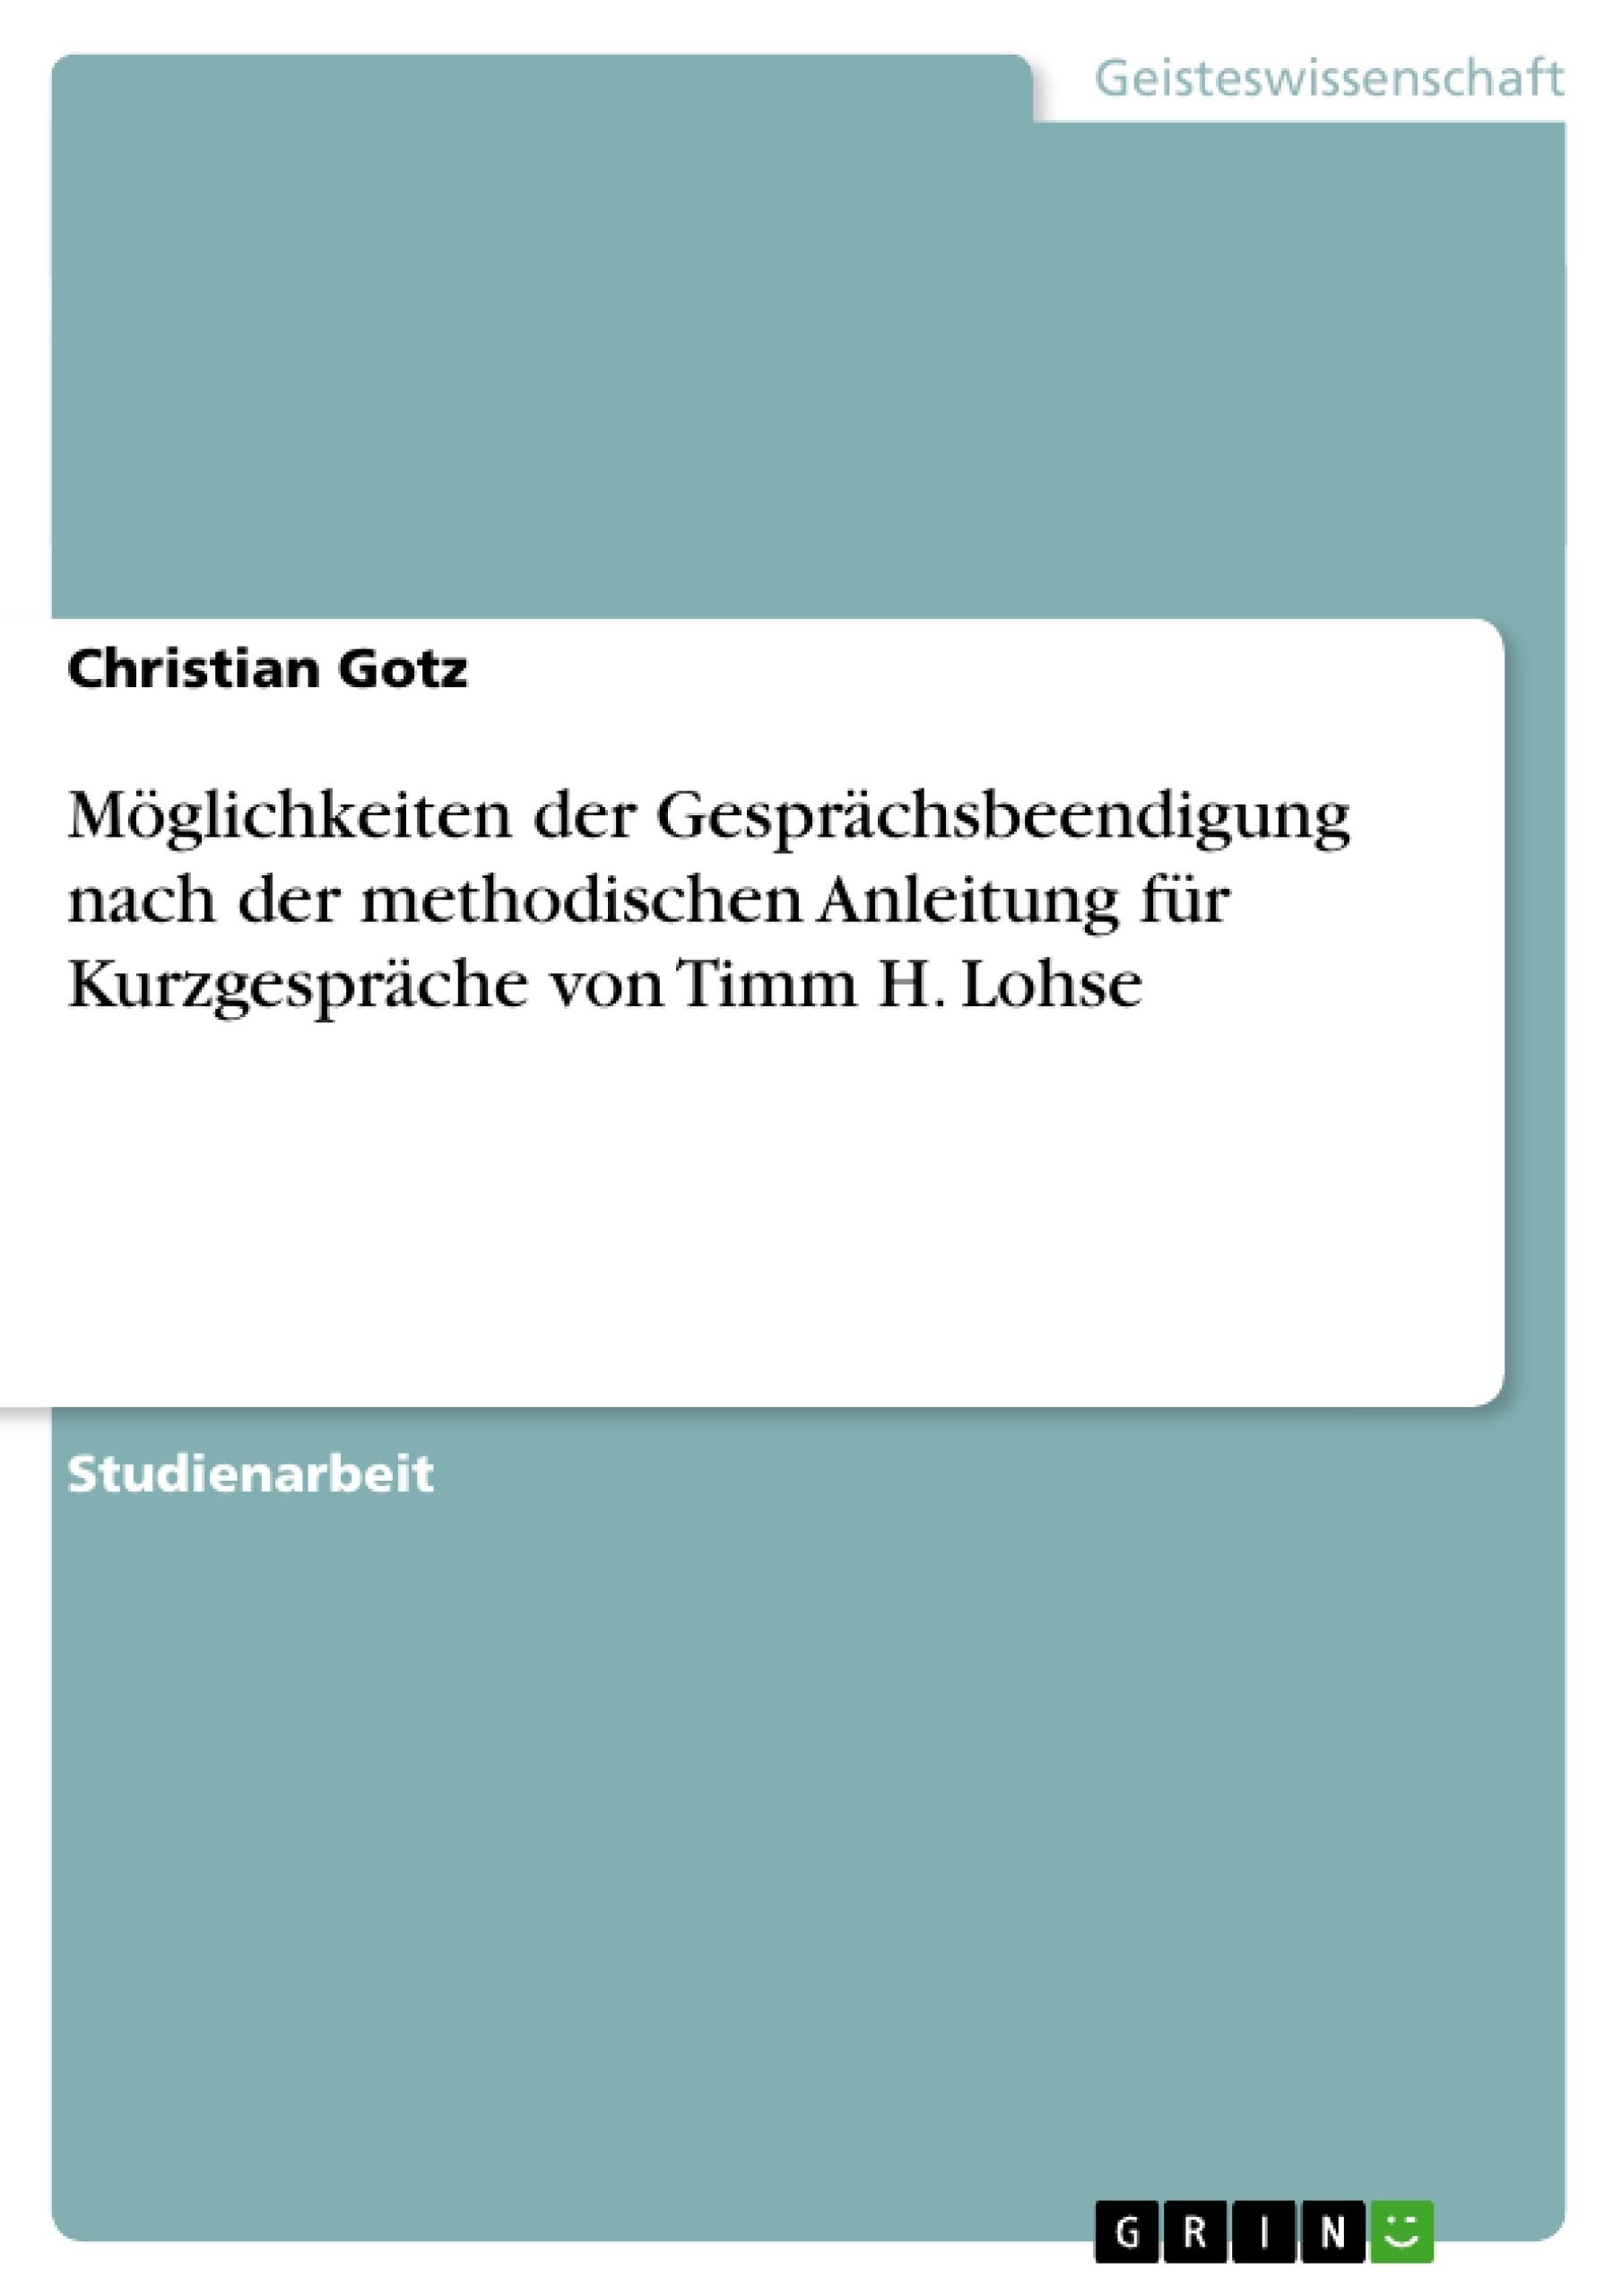 Titel: Möglichkeiten der Gesprächsbeendigung nach der methodischen Anleitung für Kurzgespräche von Timm H. Lohse